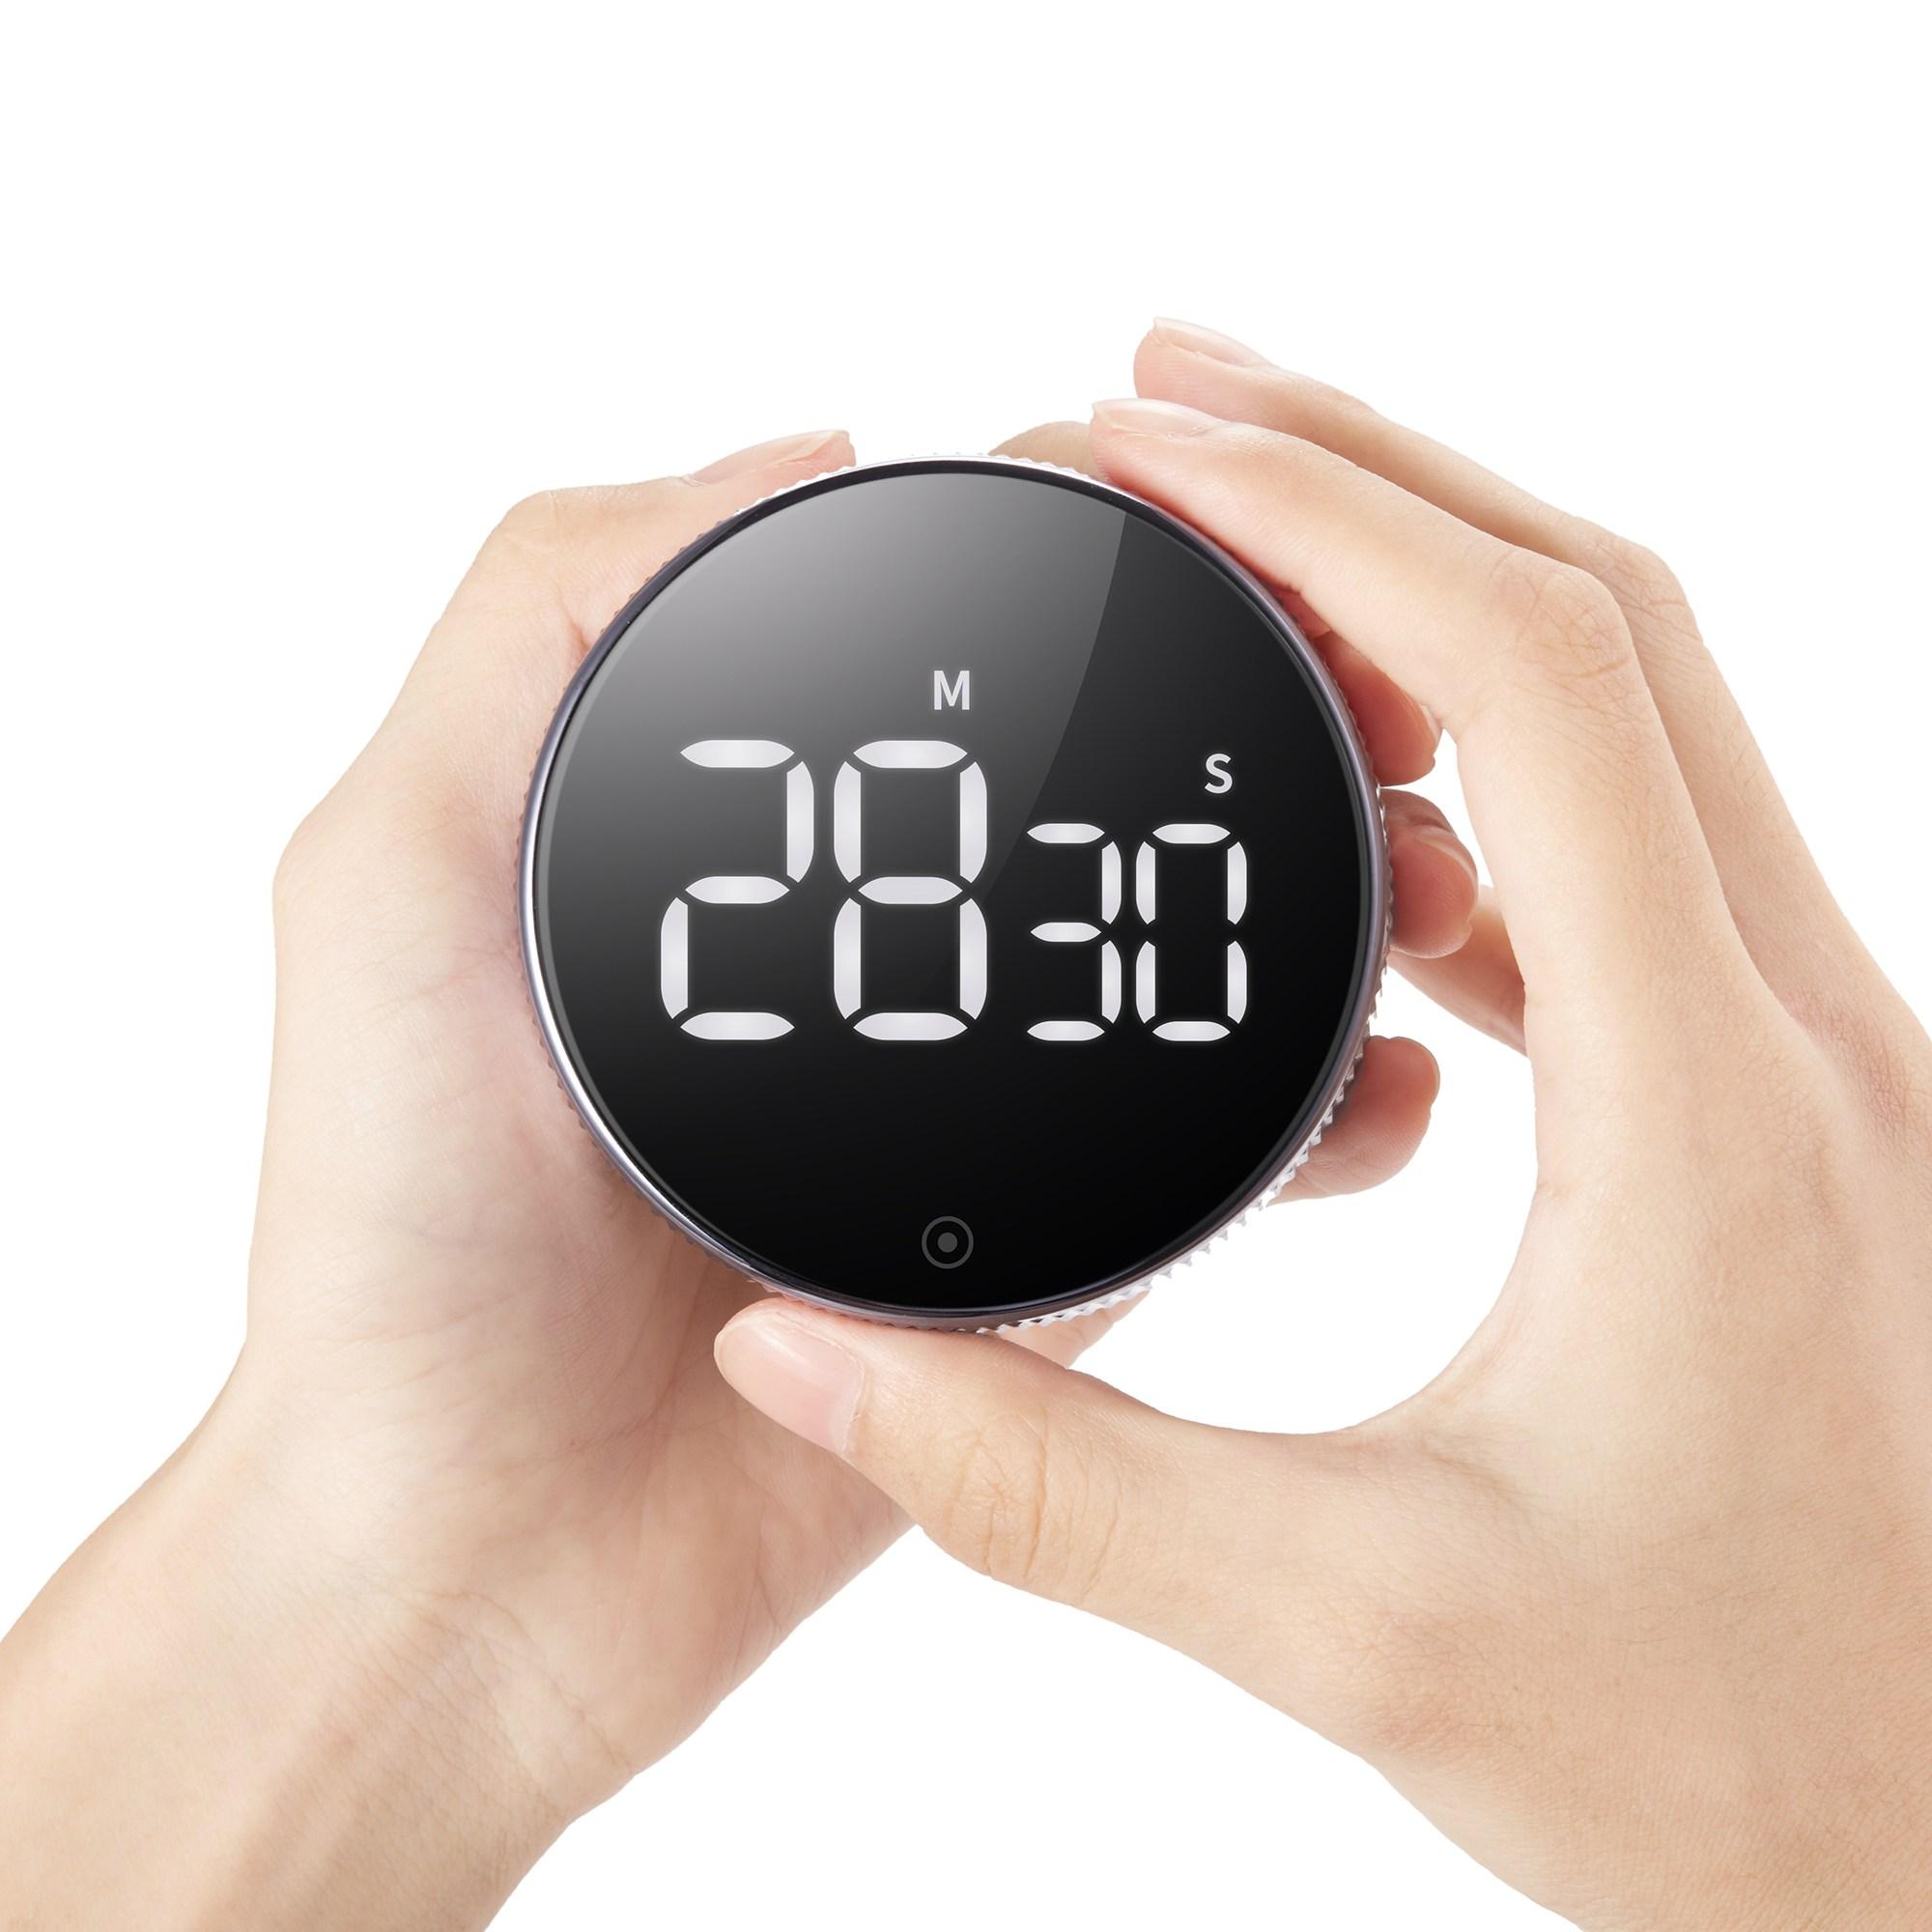 무소음 조절 다이얼 타이머 쿠킹 캠핑 라면 주방 요가 요리 디지털 자석 냉장고 타이머, 본체(T1 스마트 타이머)